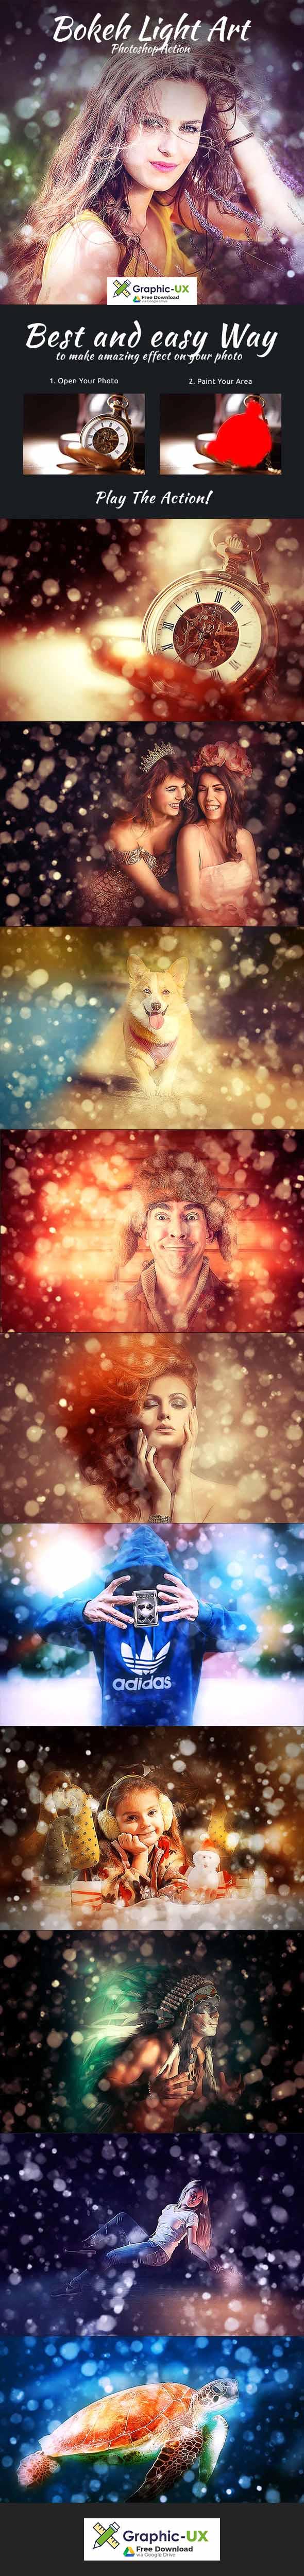 Bokeh Light Art